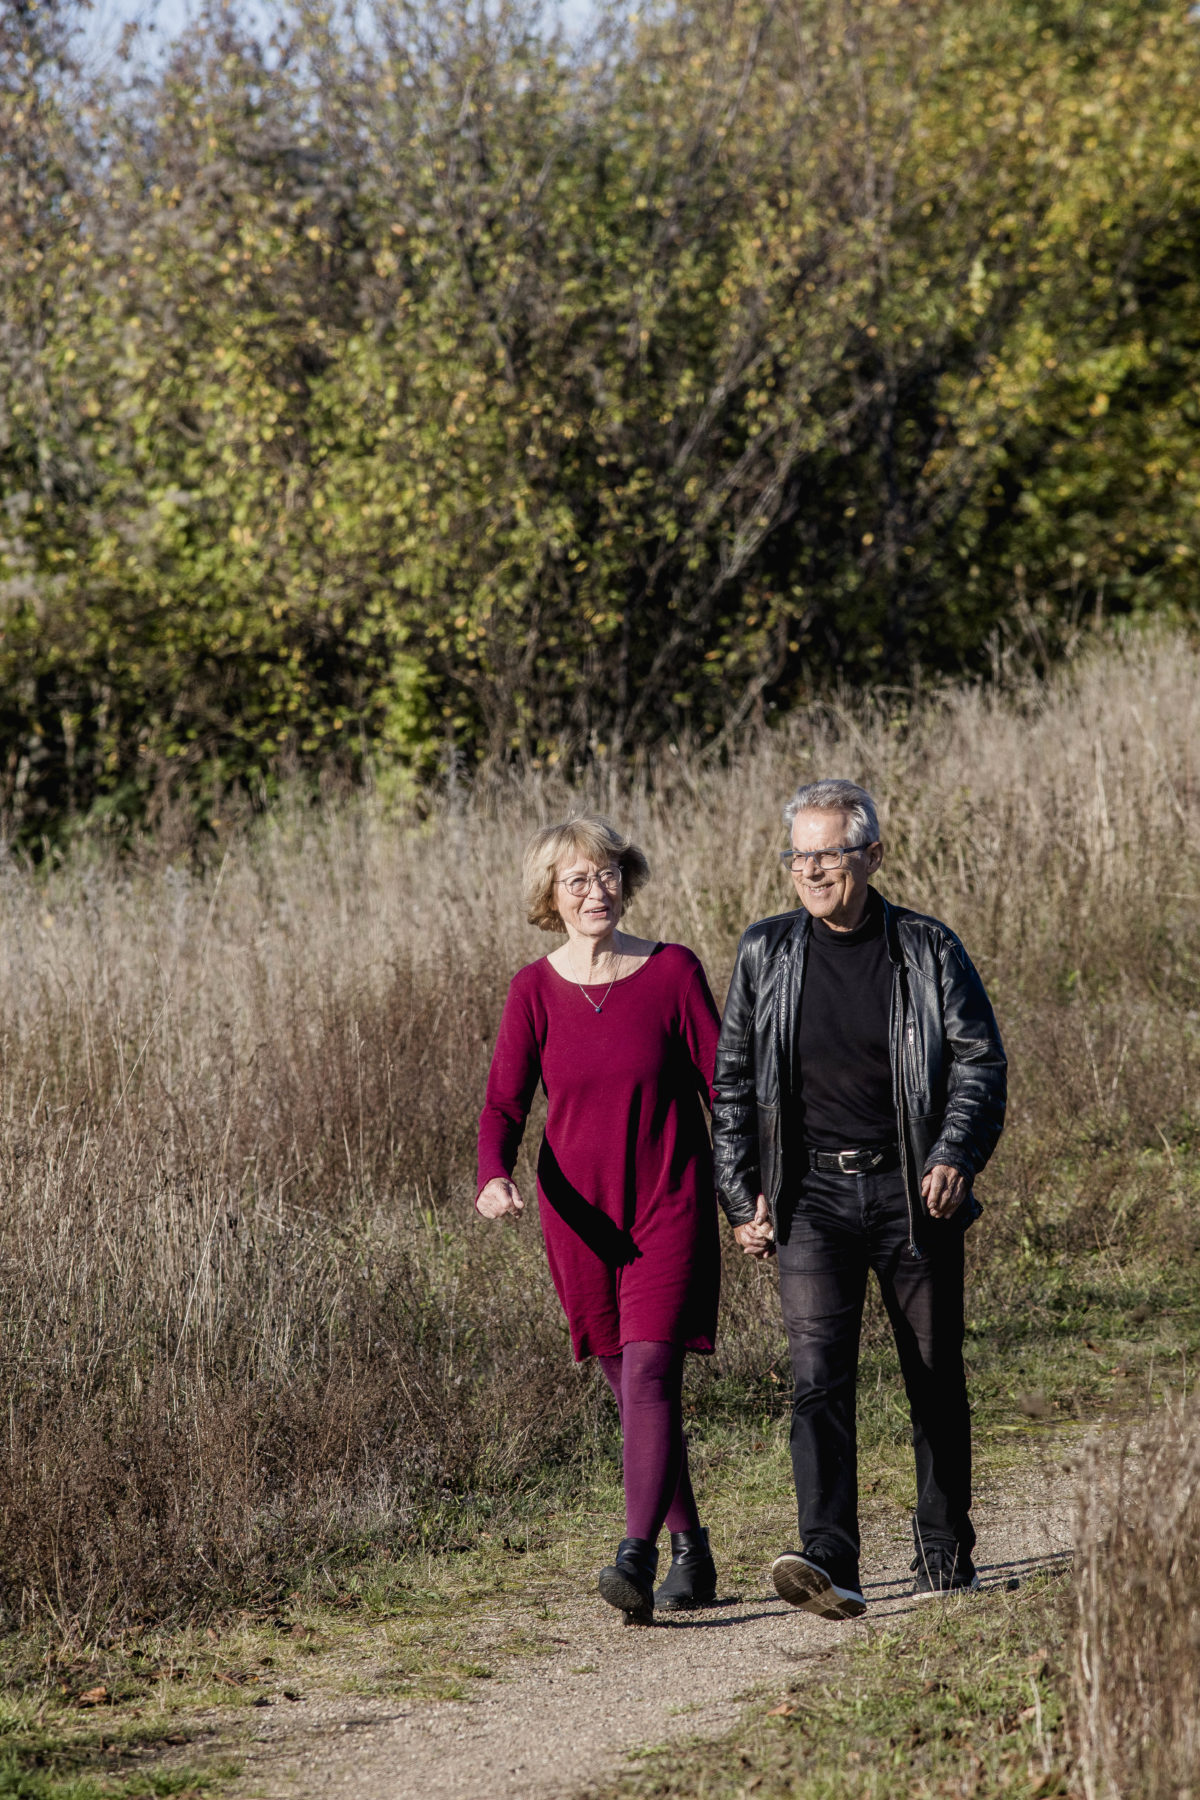 ANNELISE OG NILS STAHLSCHMIDT, 77 og 78 år, psykolog og coach, parterapeuter